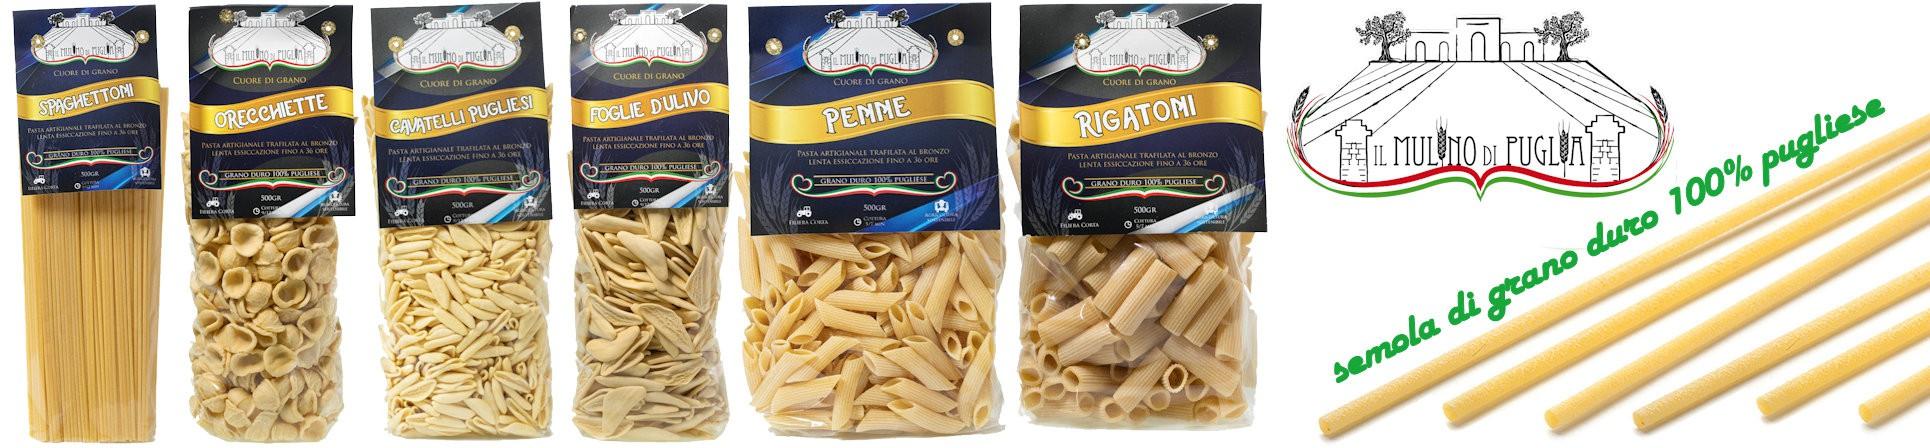 vendita online pasta artigianale pugliese - Pastificio il Mulino di Puglia